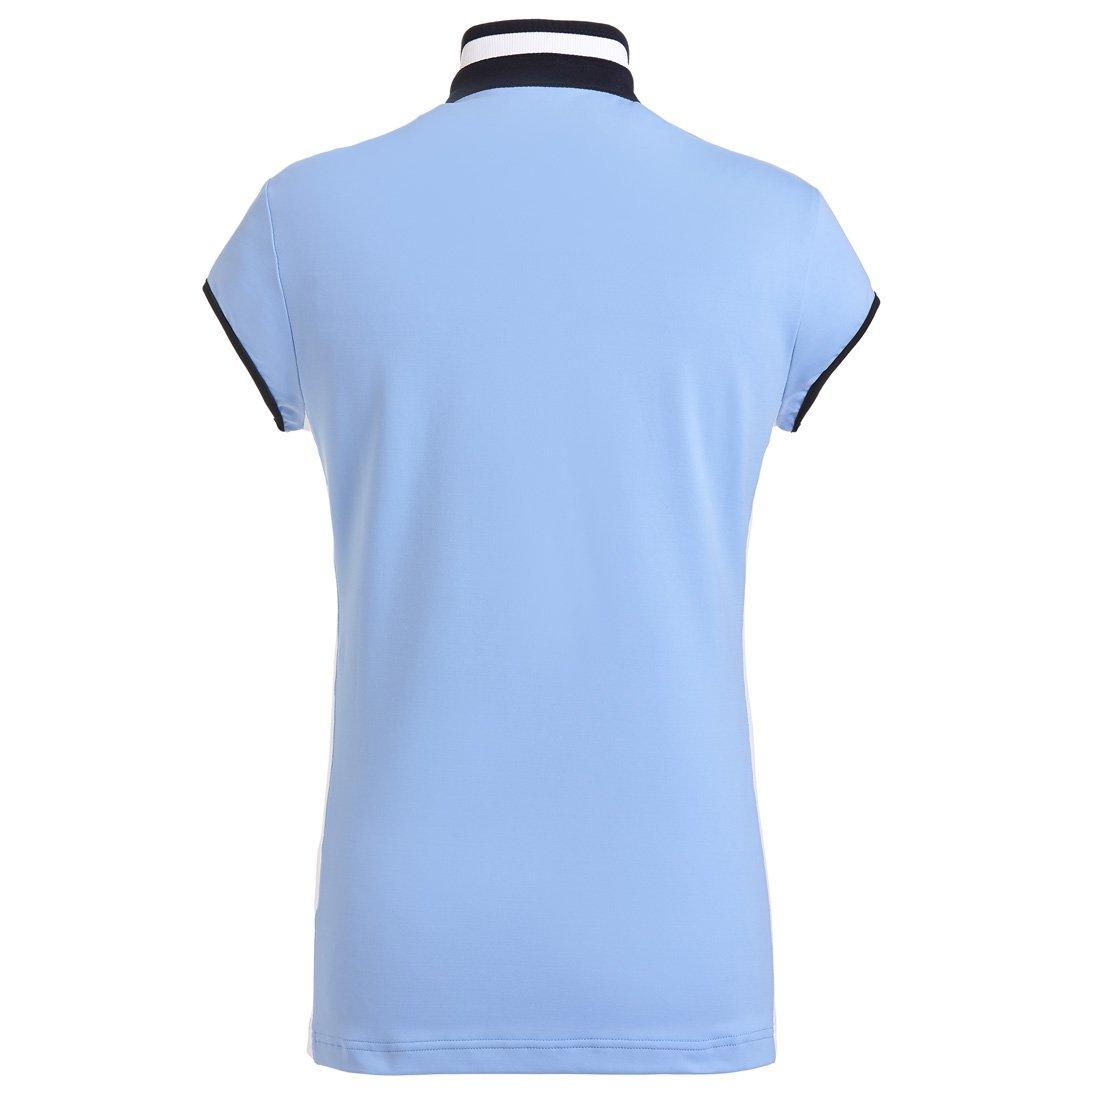 Polo de golf de señora como capa base de jersey elástico Azul S ...